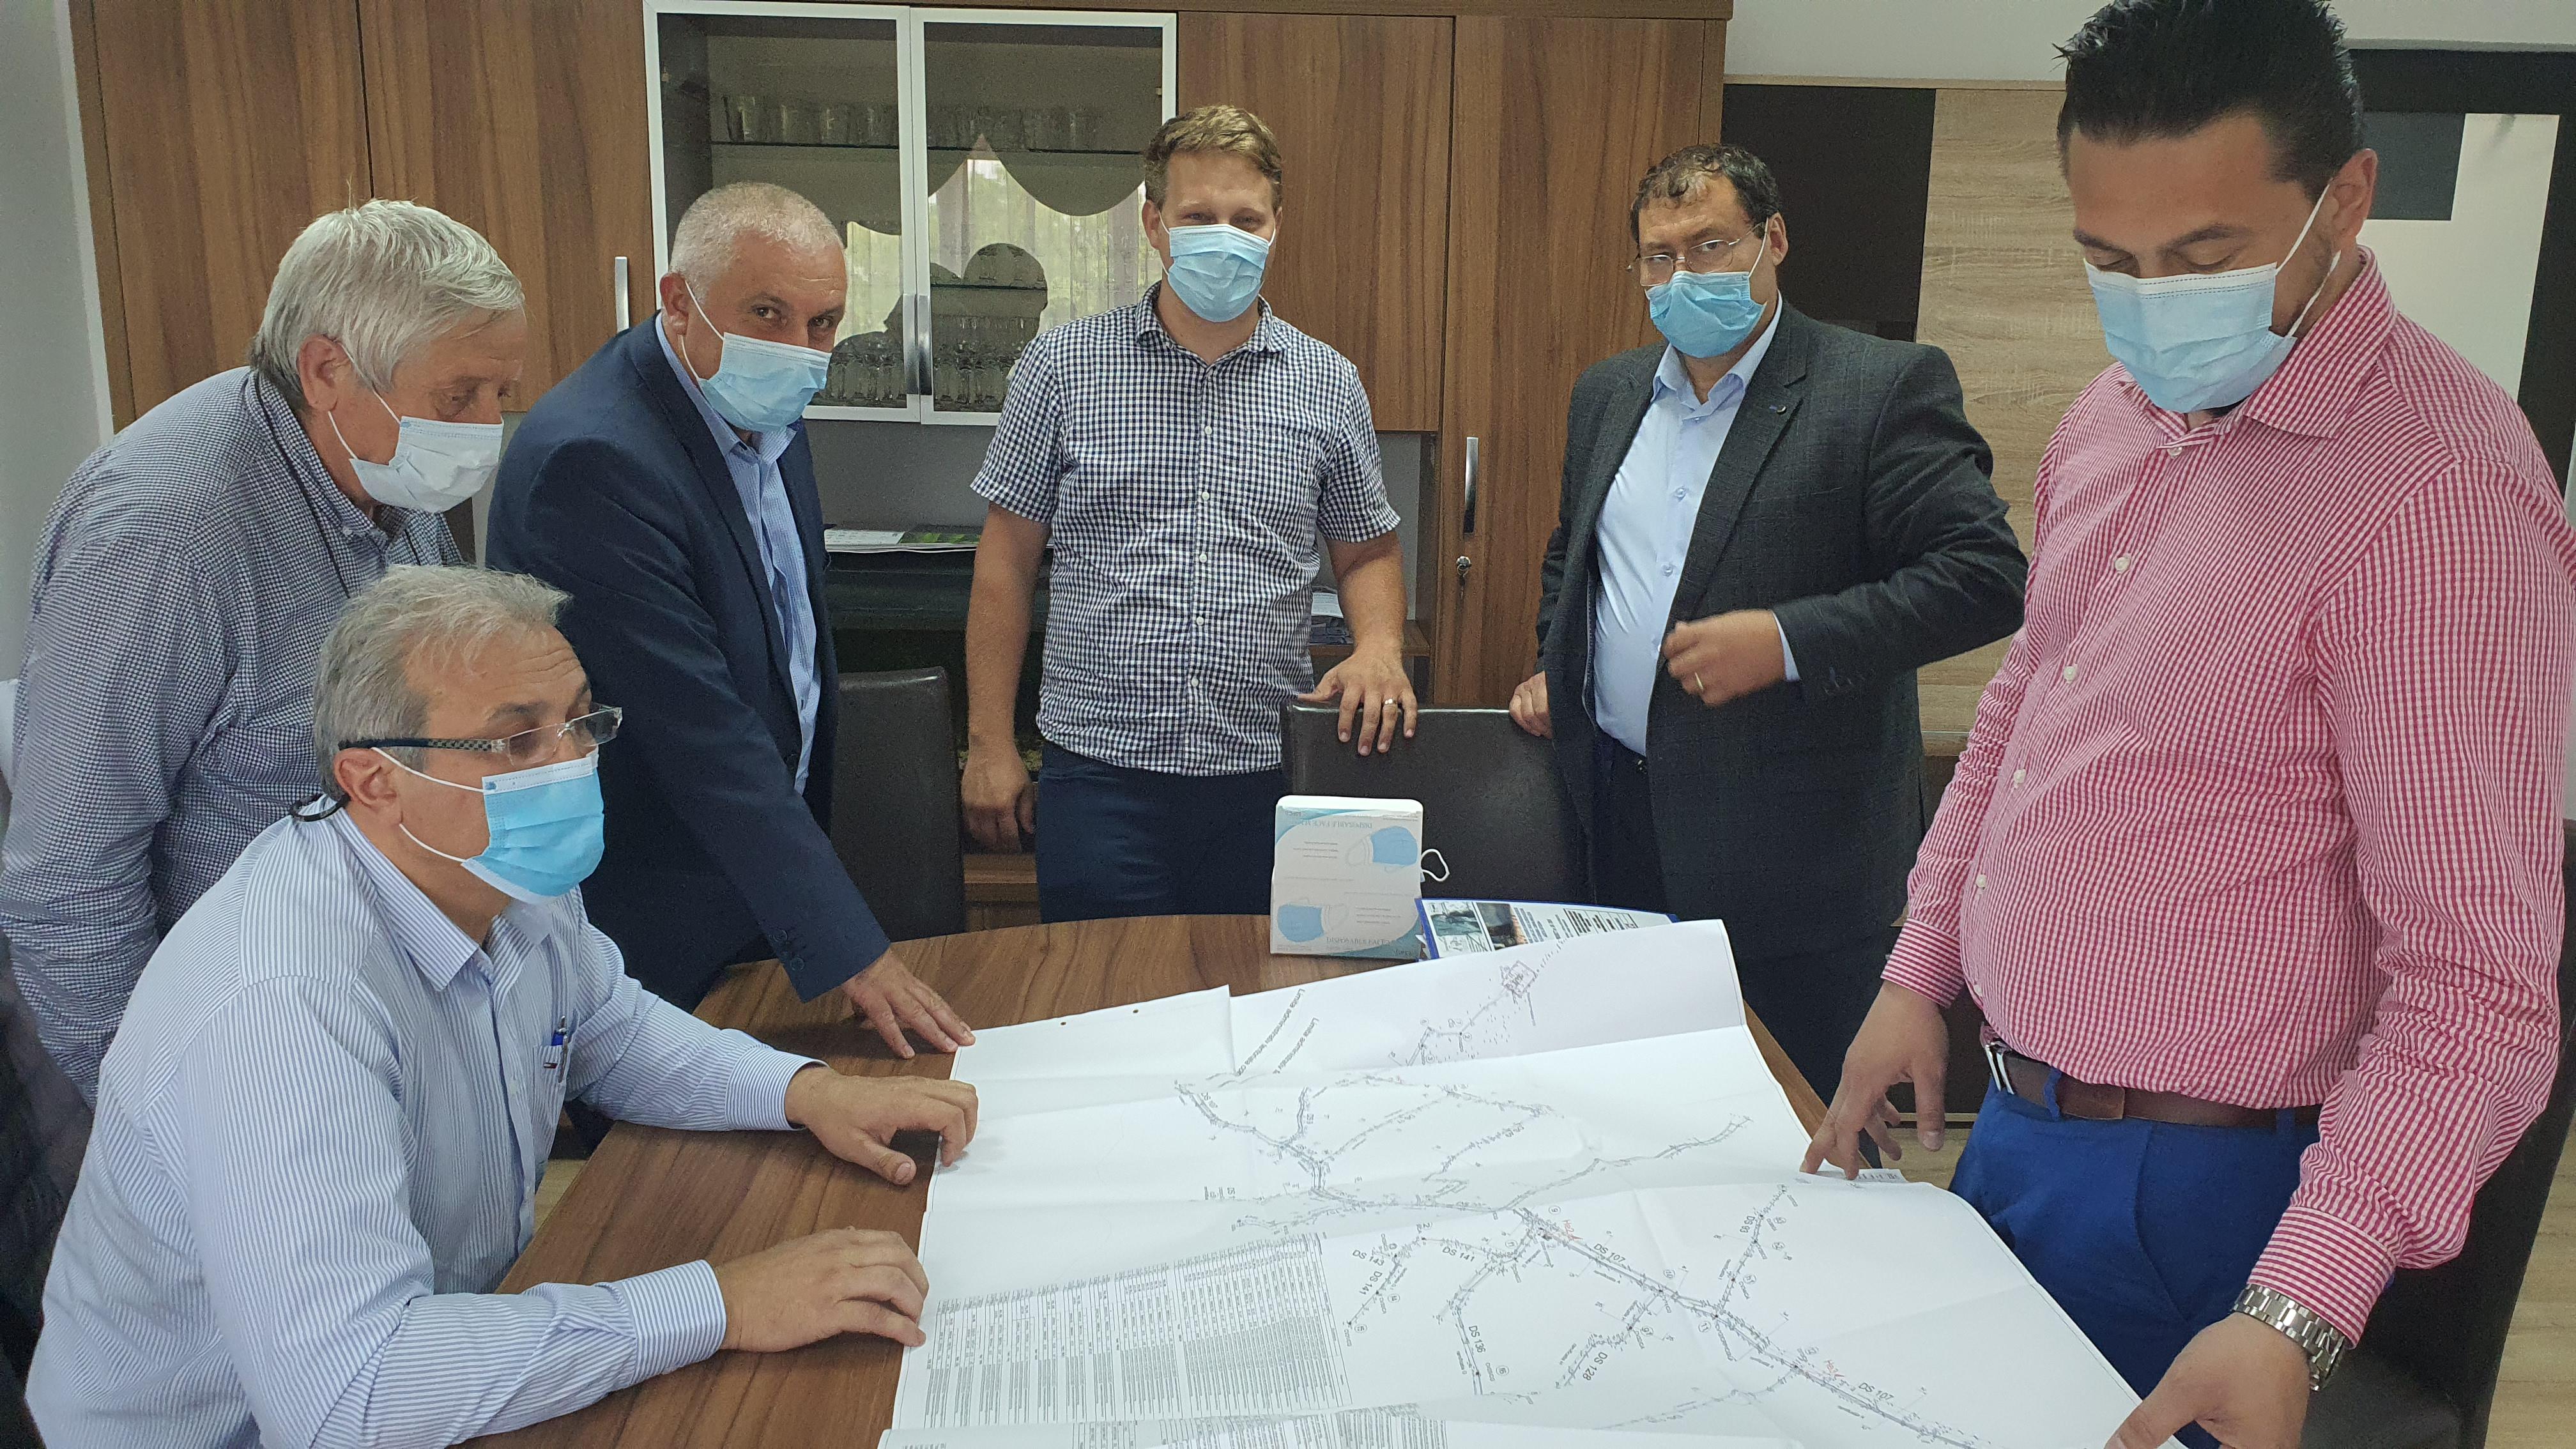 A fost finalizată extinderea și modernizare a sistemului de alimentare cu apă din comuna Mihălășeni. O investiție în valoare de 8,82 milioane de lei